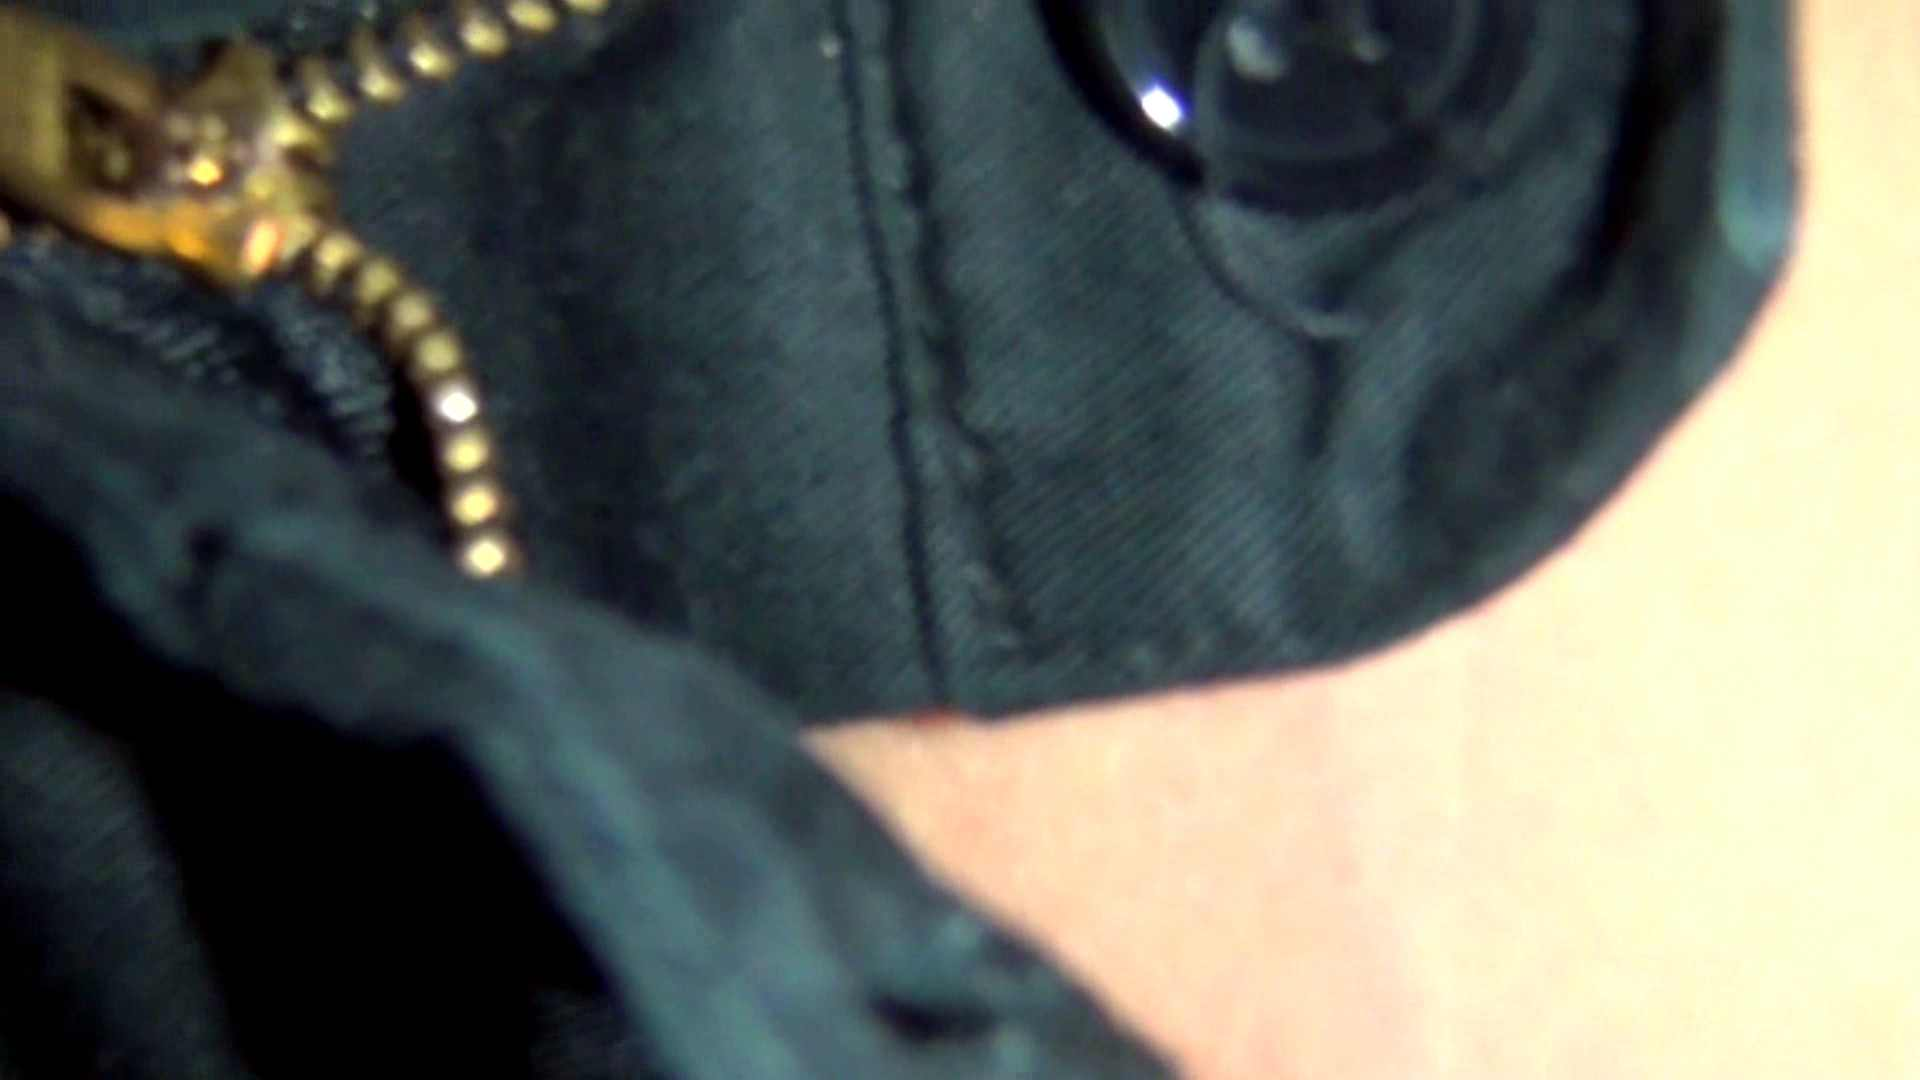 魔術師の お・も・て・な・し vol.30 小粒乳首ちゃん19歳に魔法 ワルノリ  60枚 40